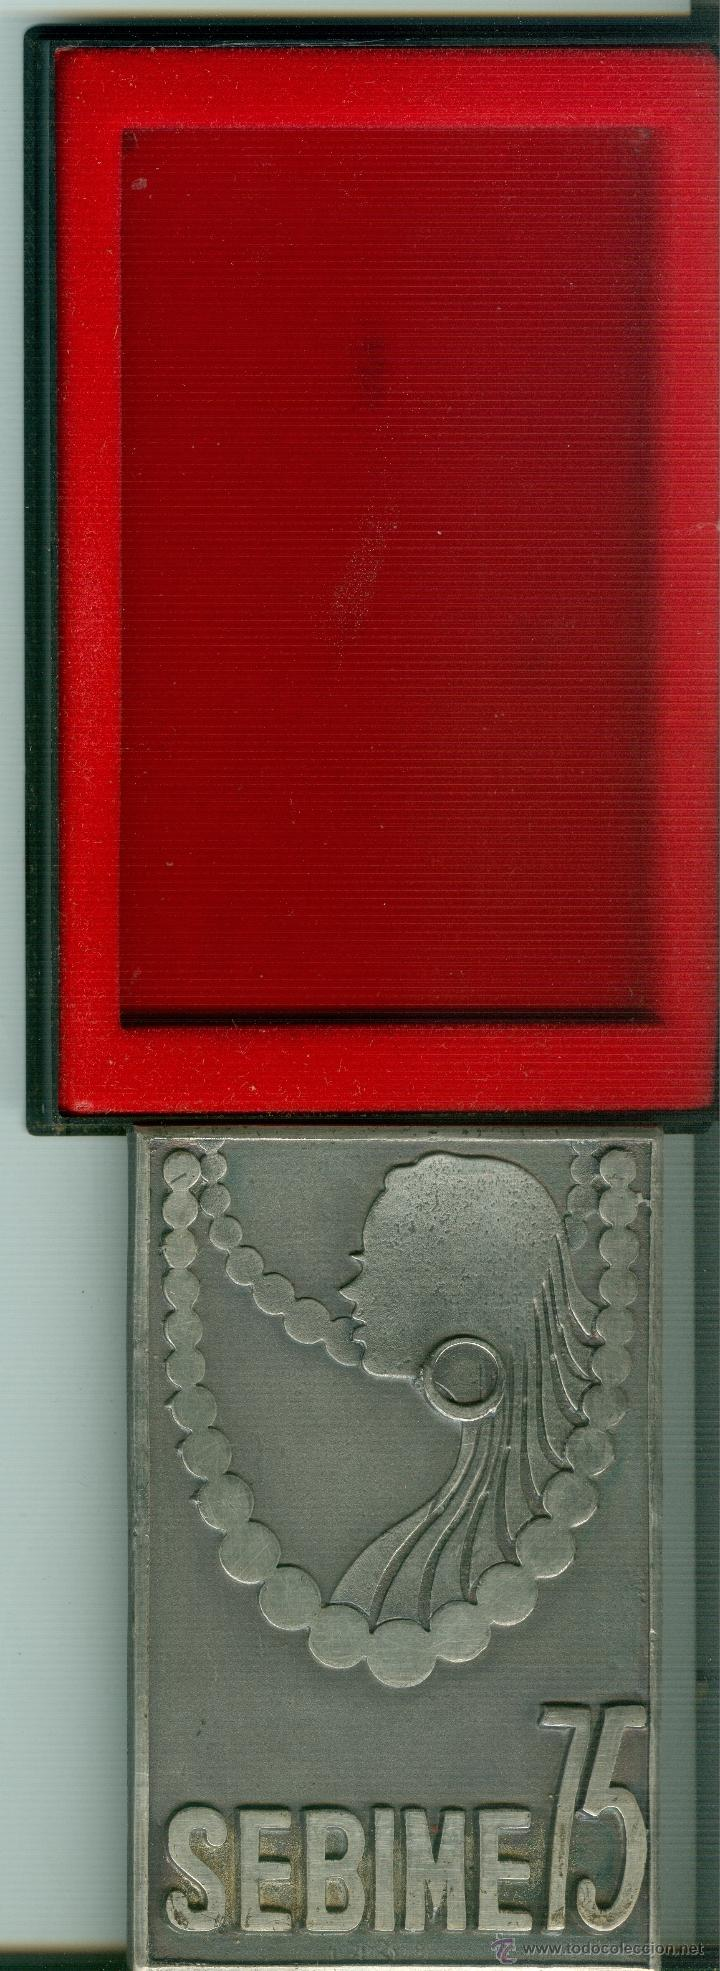 Trofeos y medallas: MEDALLA/PISAPAPELES CONMEMORATIVO SEBIME 1975 MAHÓN MENORCA - Foto 3 - 46467852